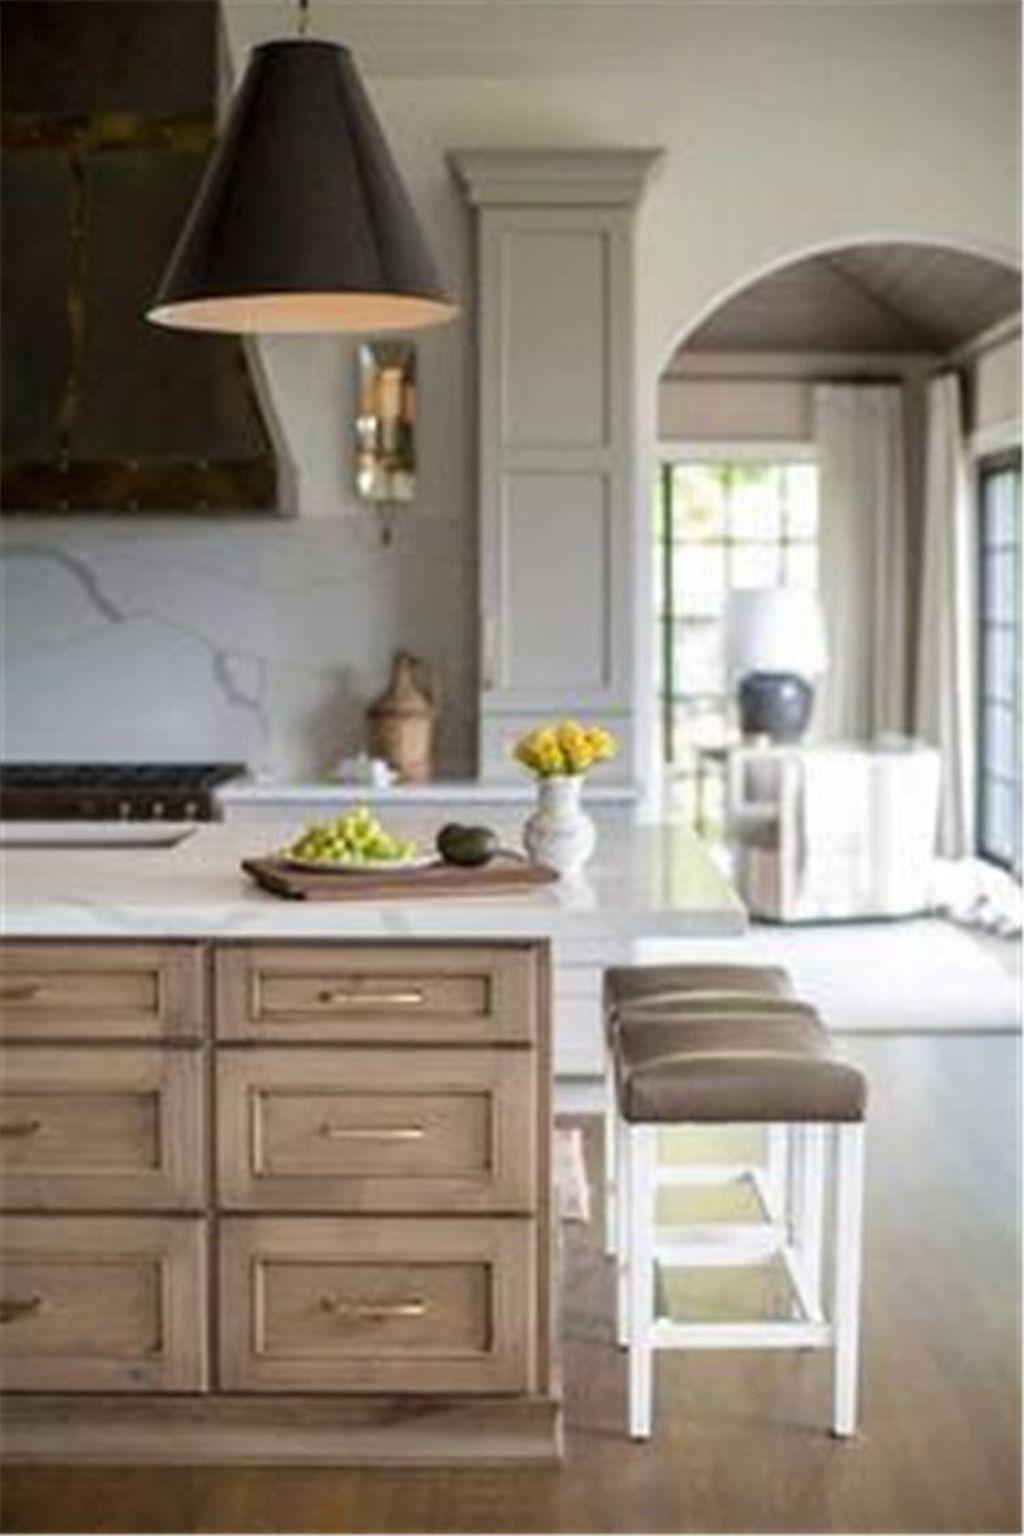 40 Modern Farmhouse Kitchens Design Ideas To Change Your Kitchen